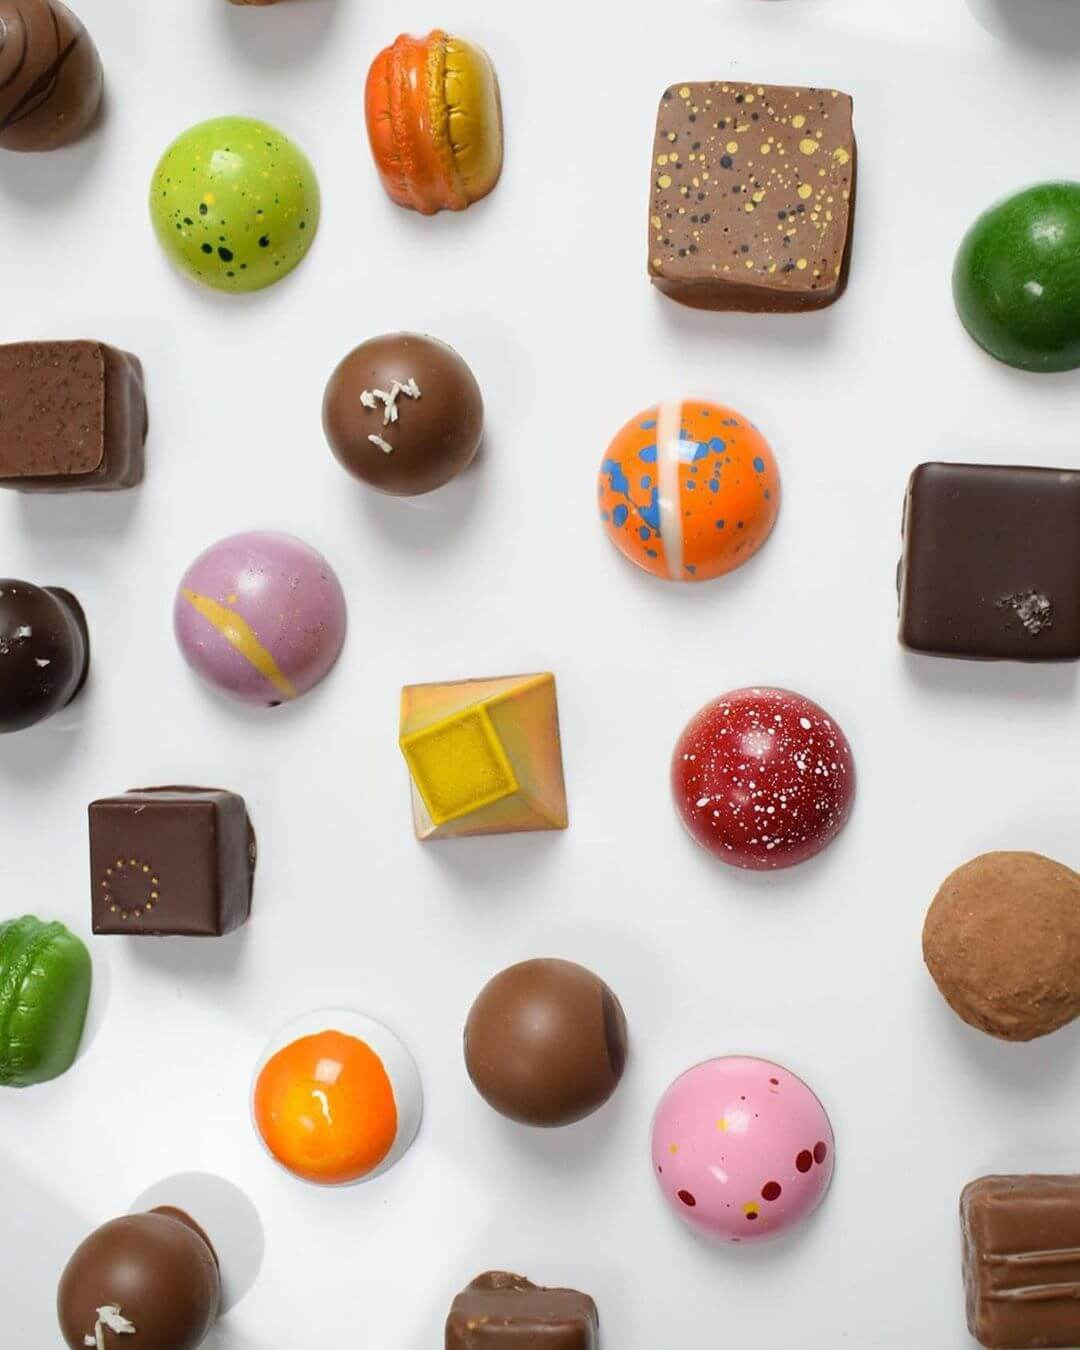 jma chocolates